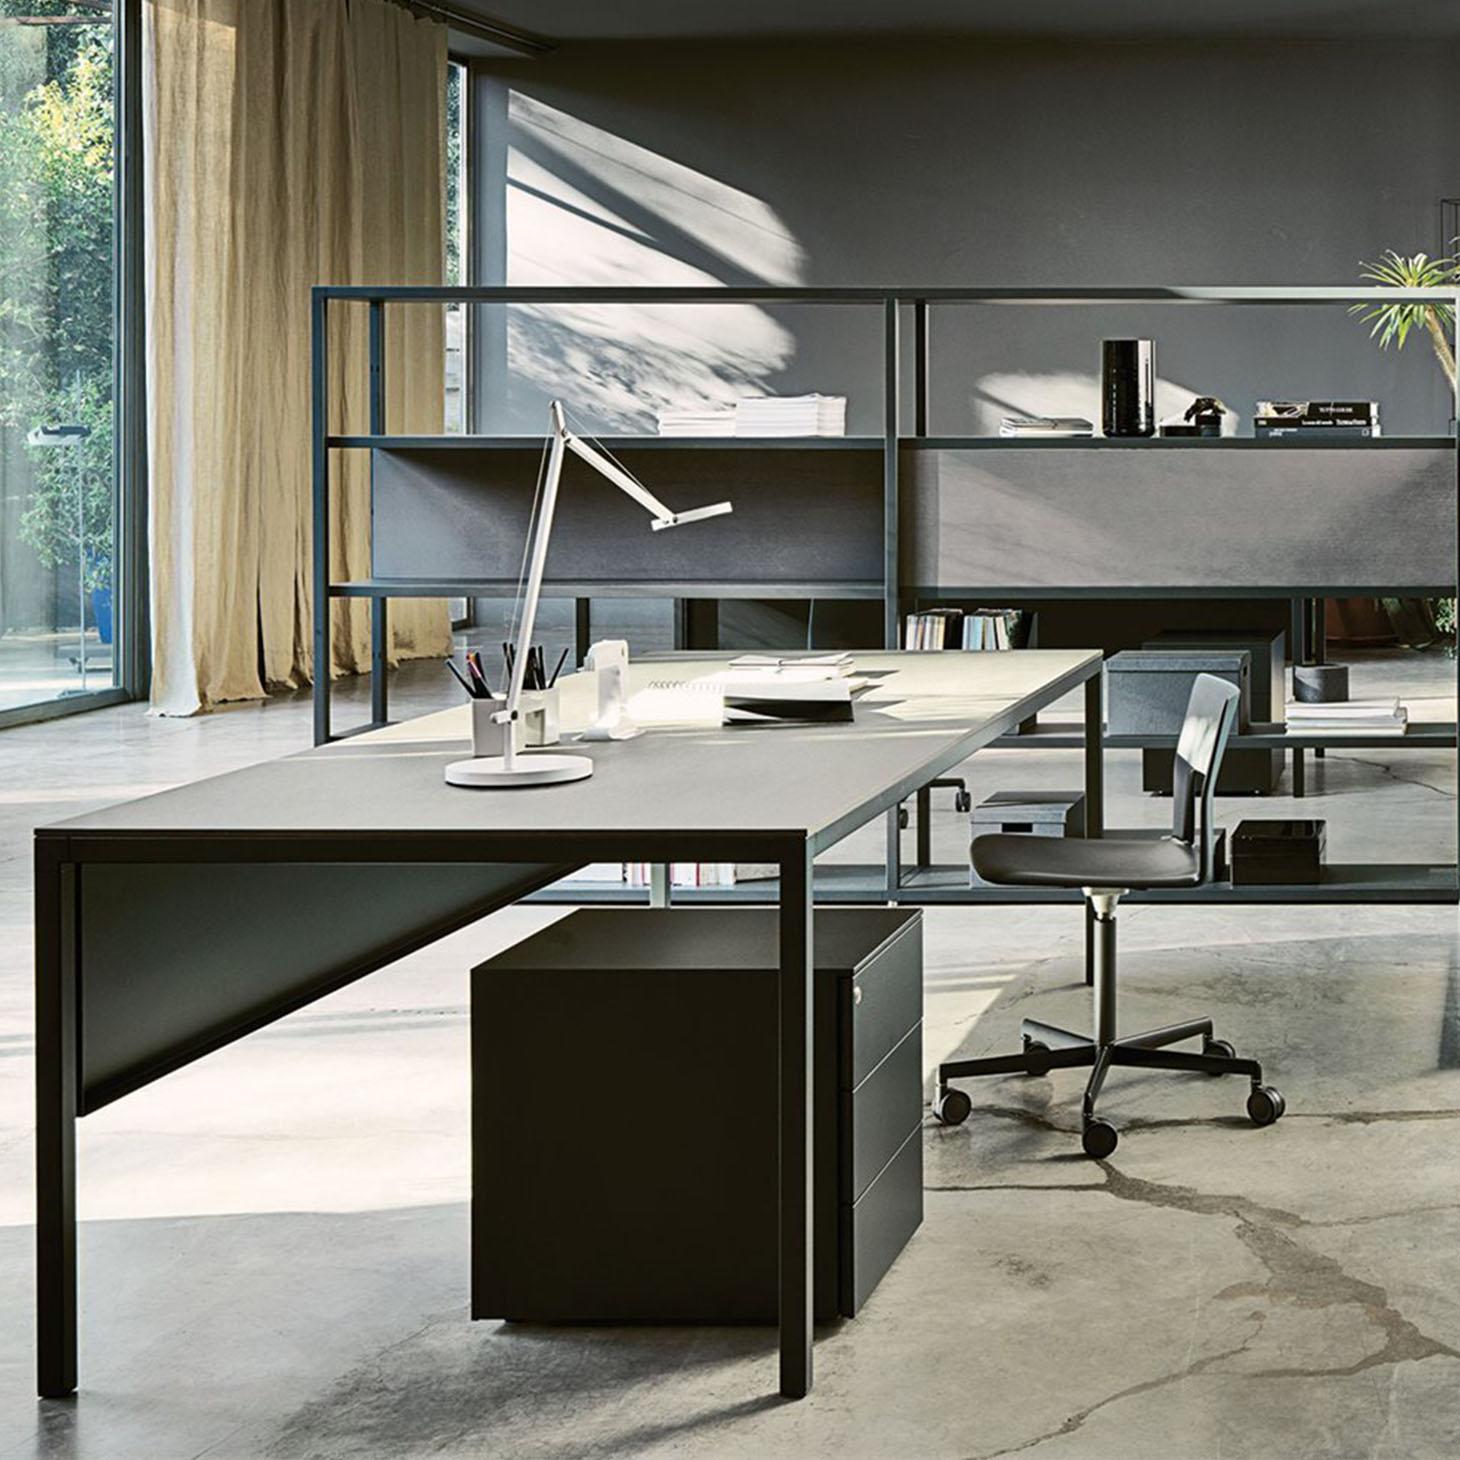 Helsinki 35 Office Table